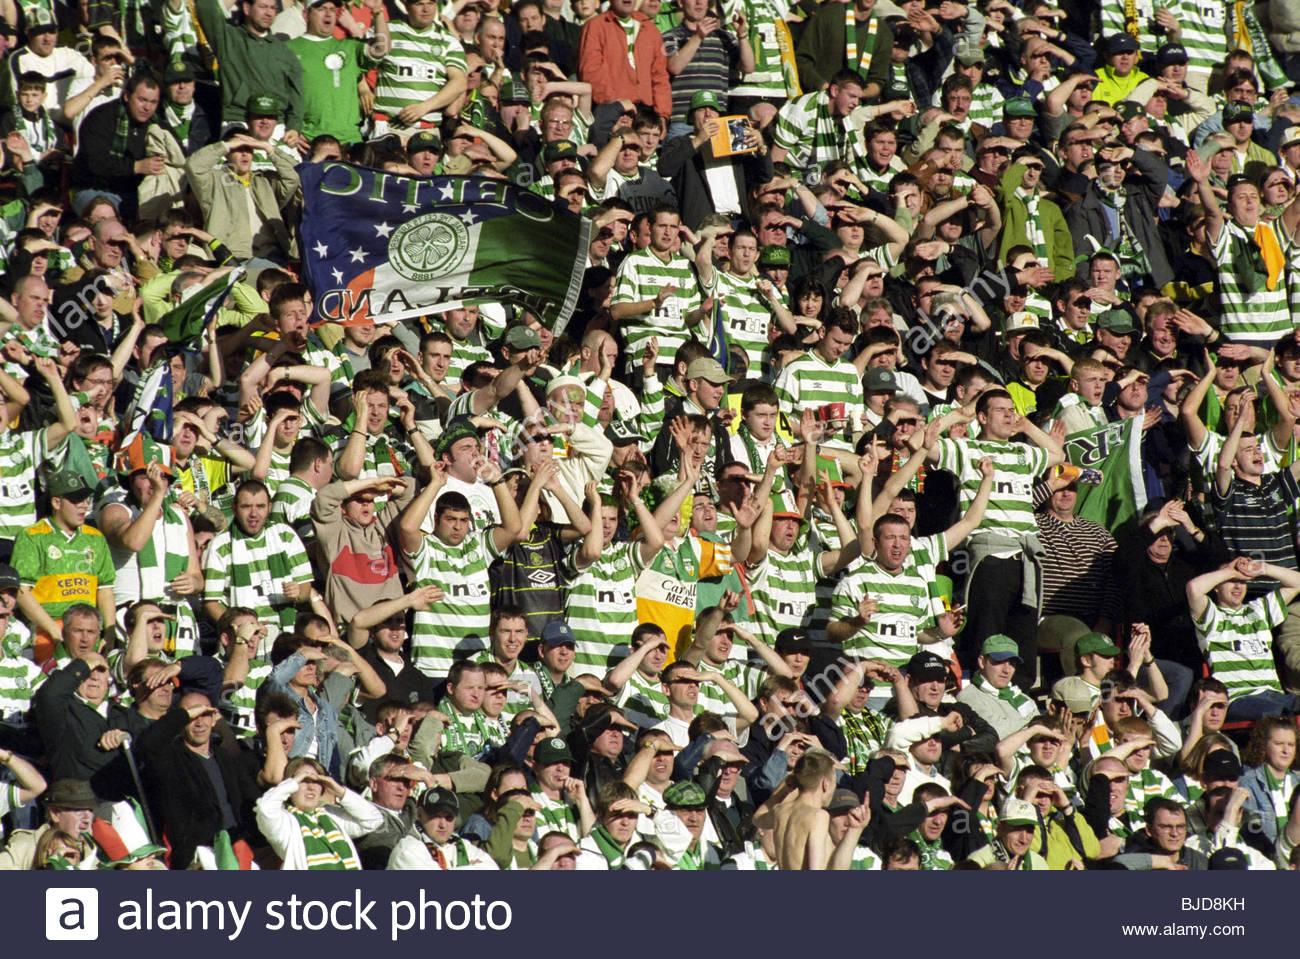 19/03/00 CIS CUP FINAL ABERDEEN V CELTIC (0-2) HAMPDEN - GLASGOW Celtic fans. - Stock Image